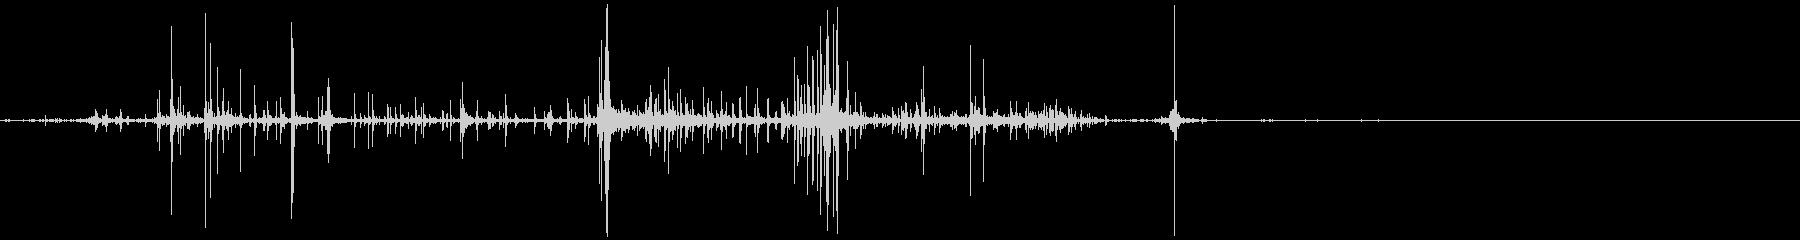 キリキリとした摩擦音 10の未再生の波形